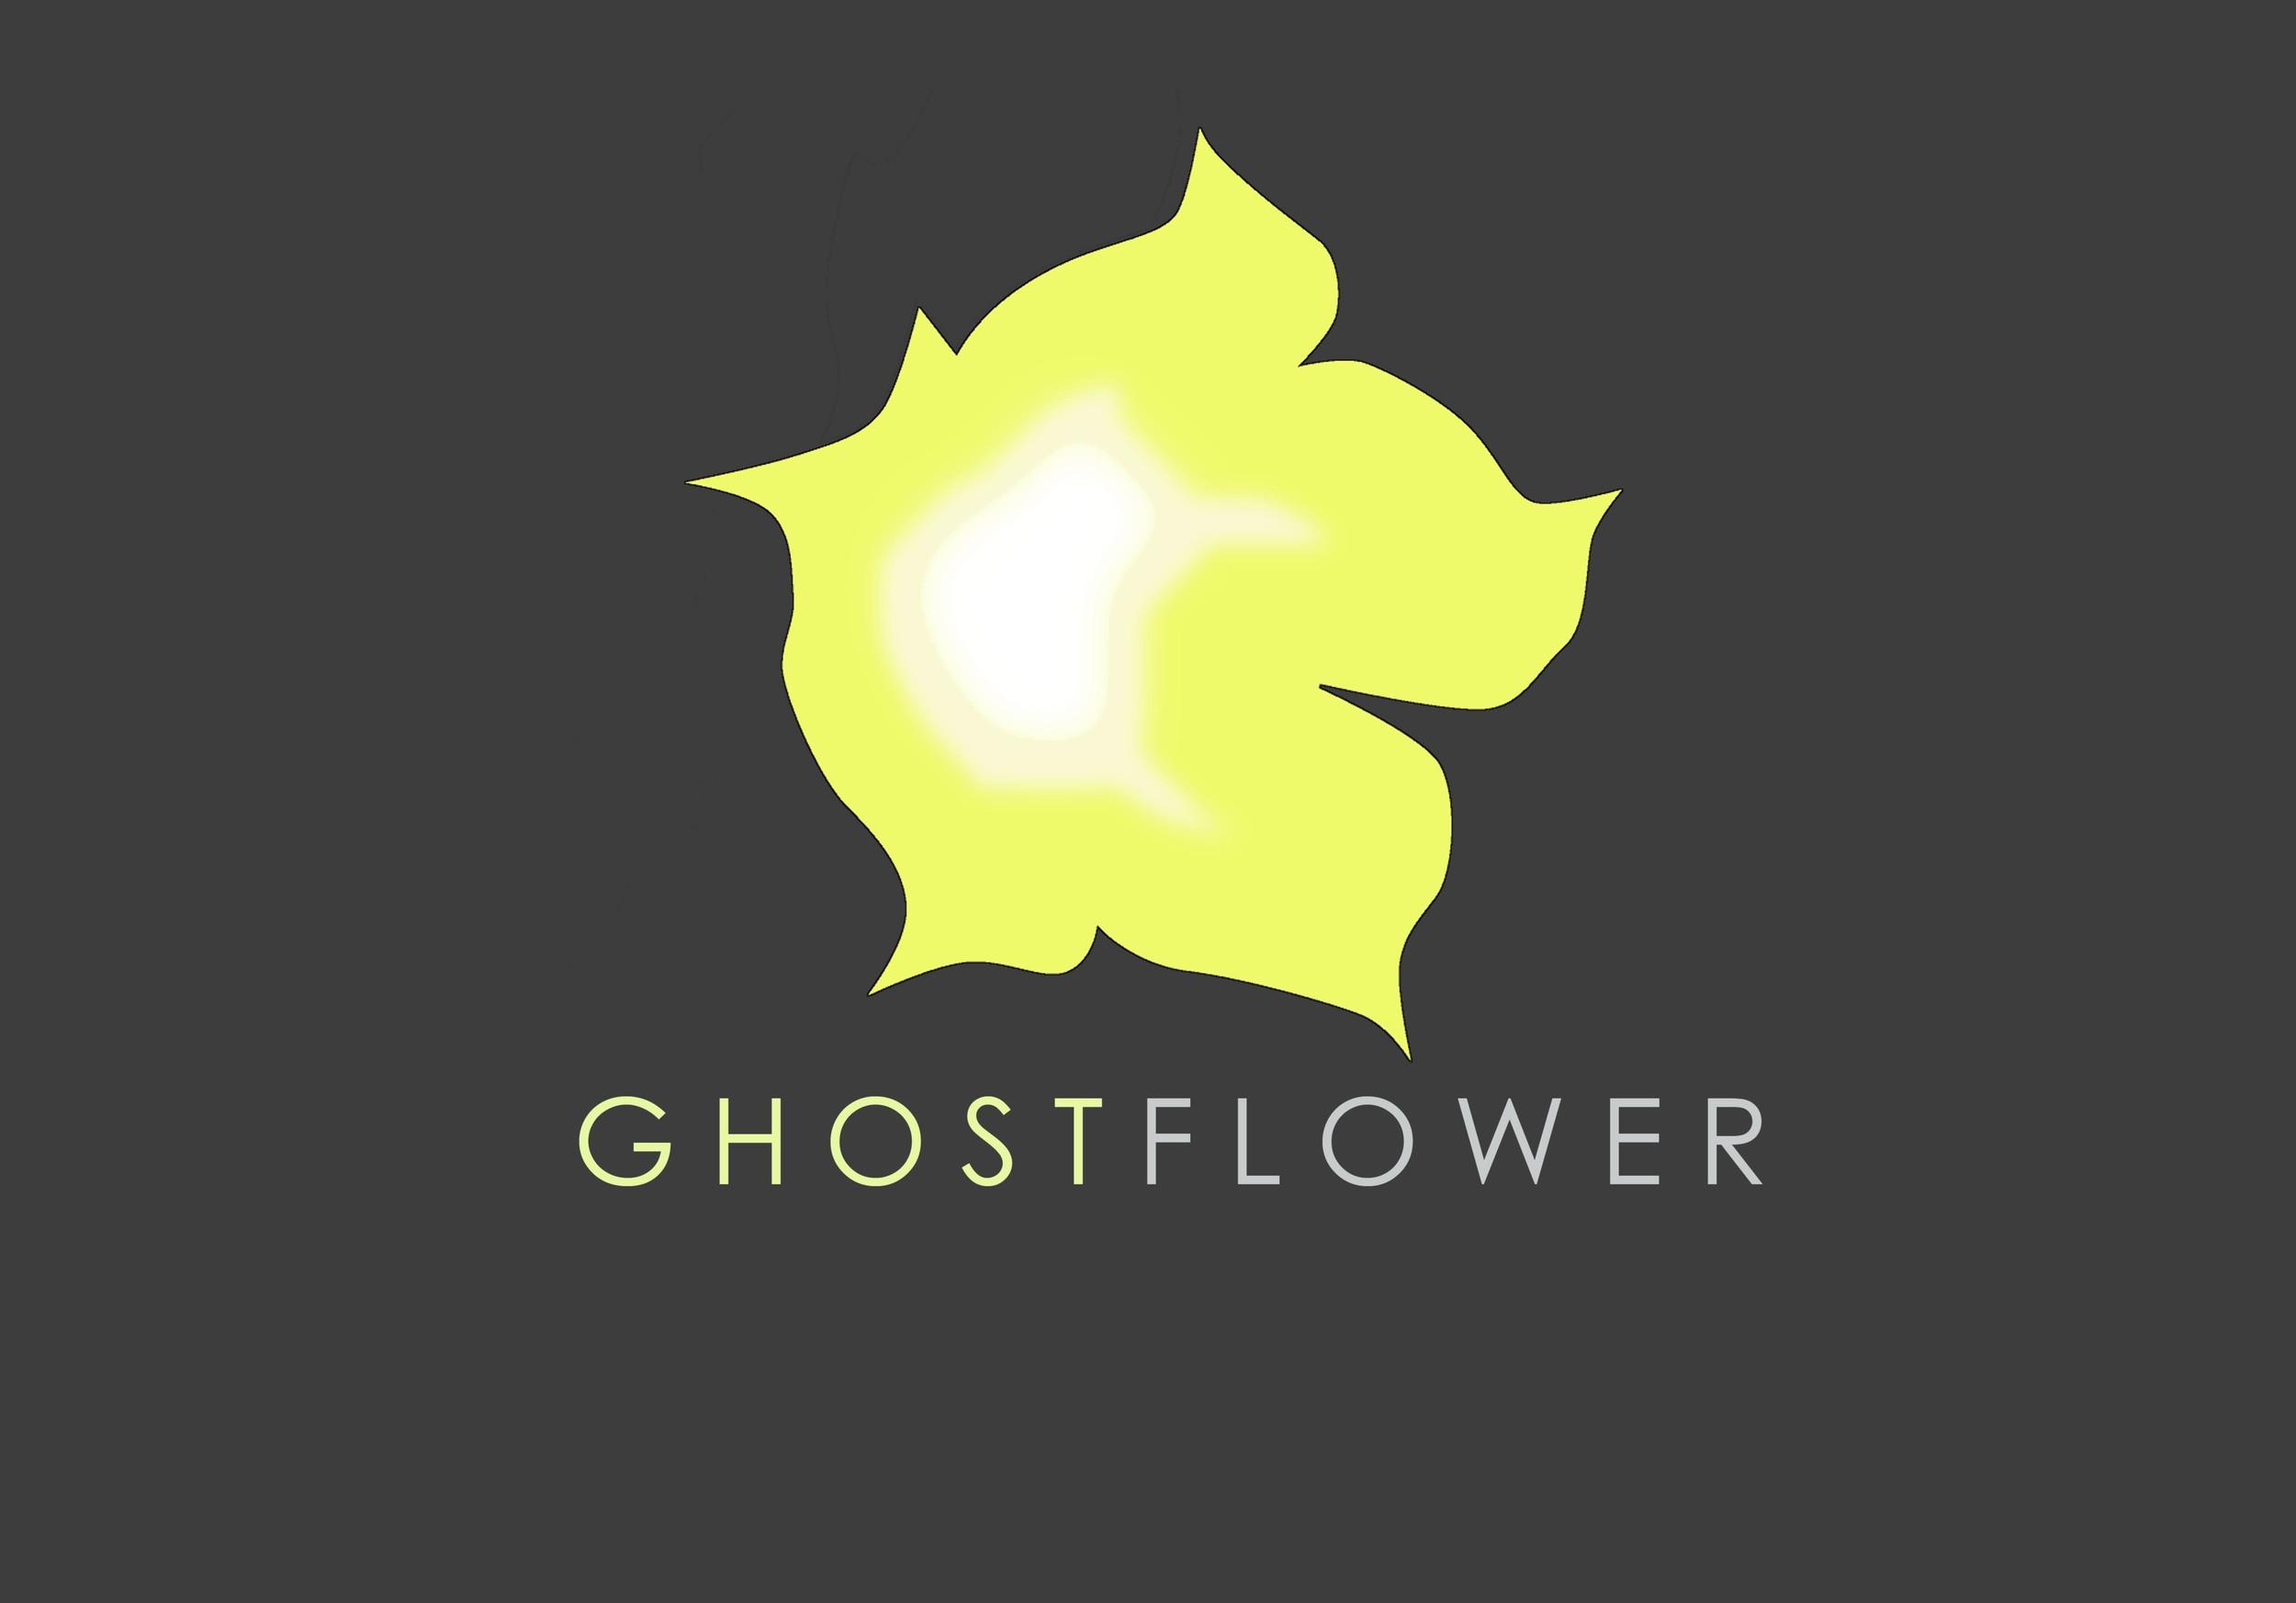 GHOSTFLOWER.jpg